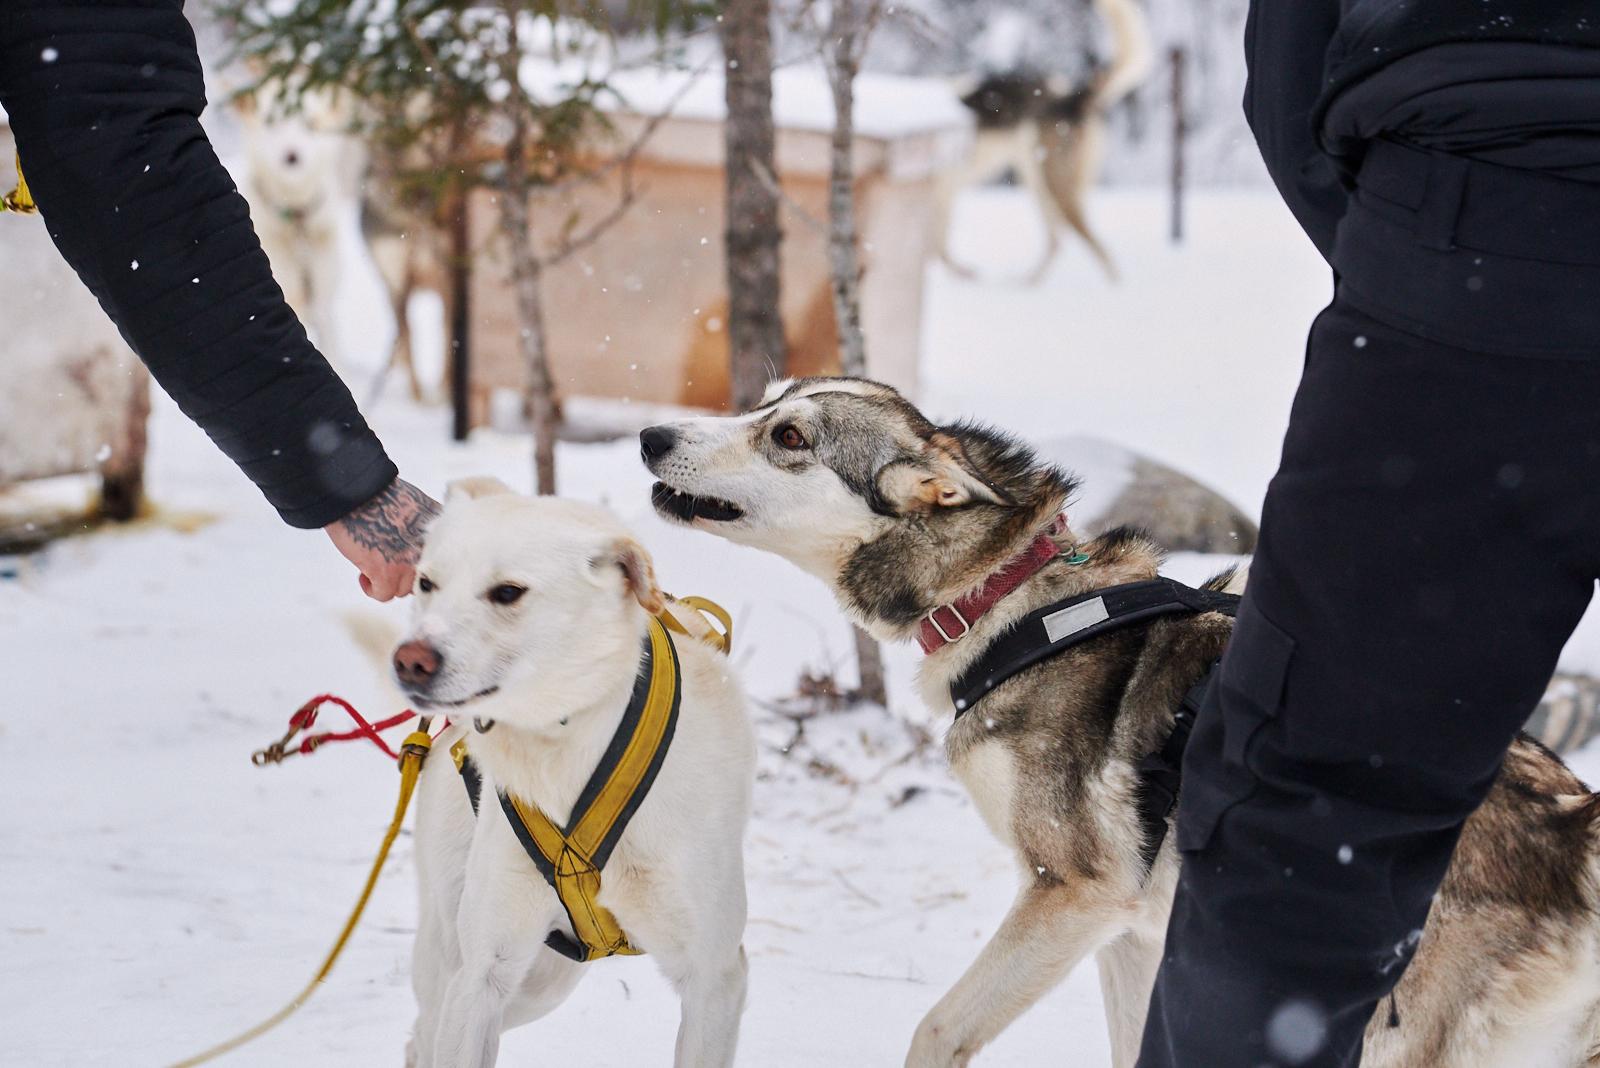 Dog Day (image heavy)